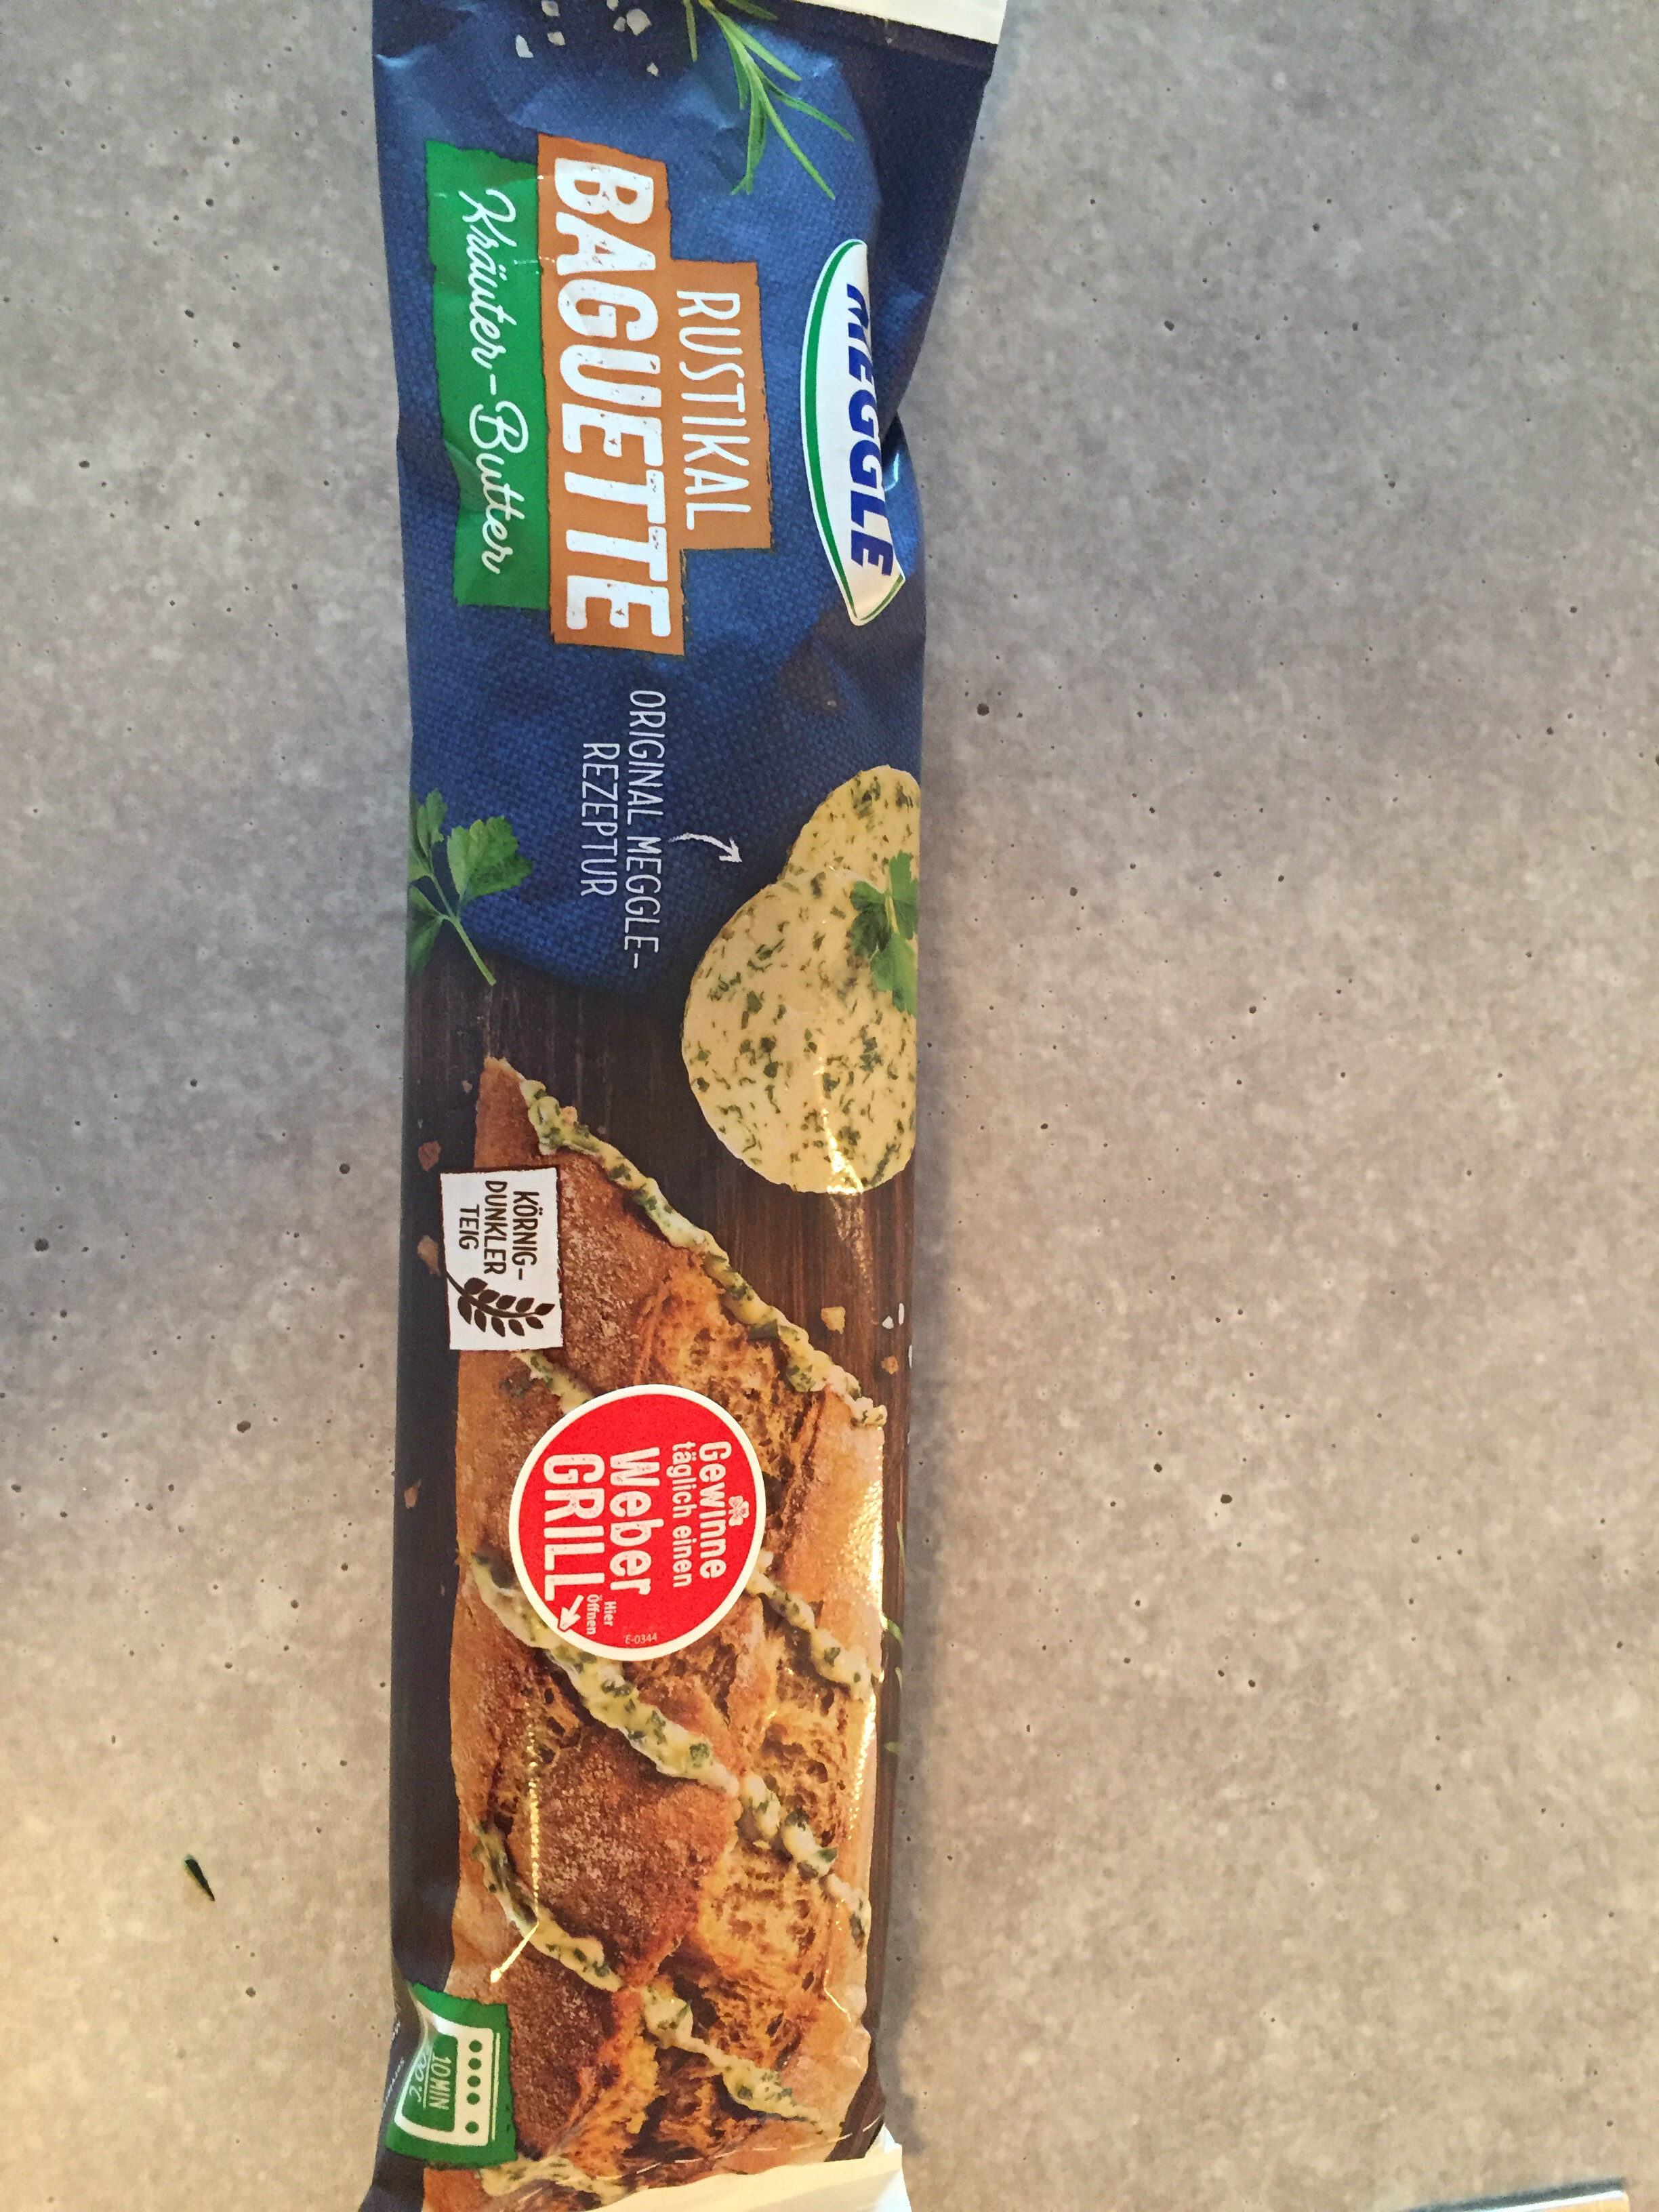 Rustikal Baguette Kräuter Butter - Product - de